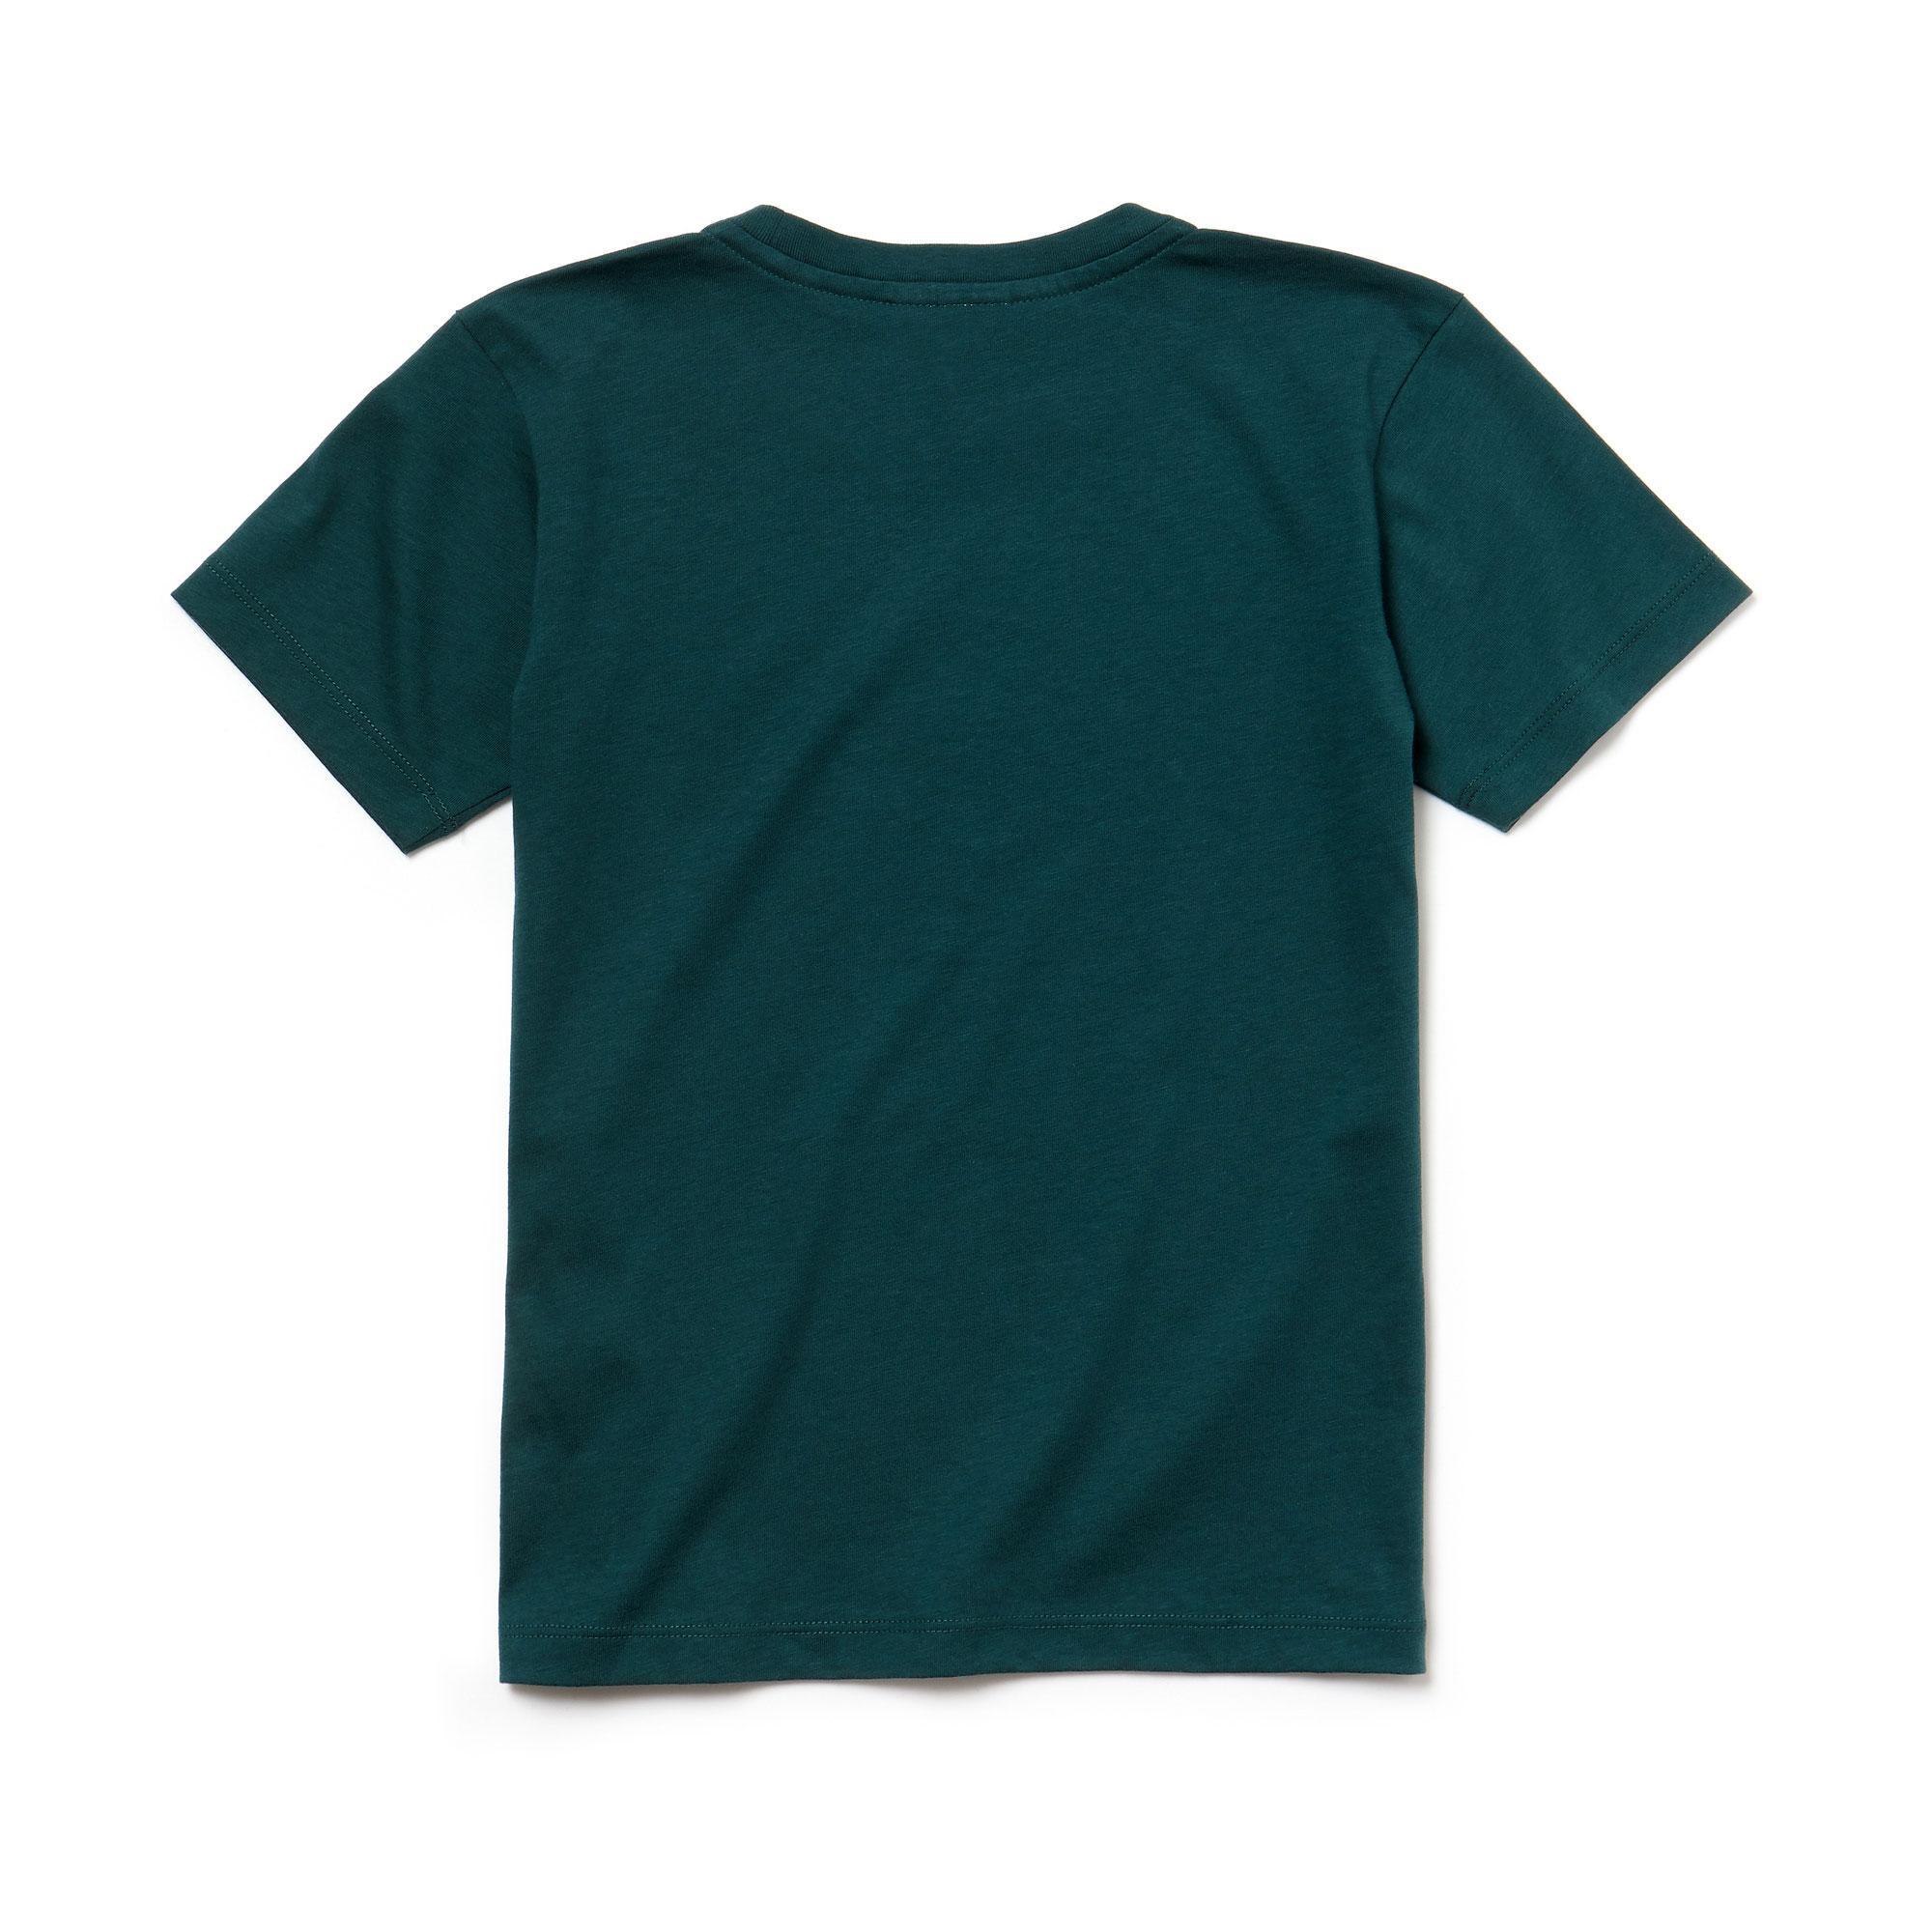 Lacoste Çocuk Koyu Yeşil T-Shirt